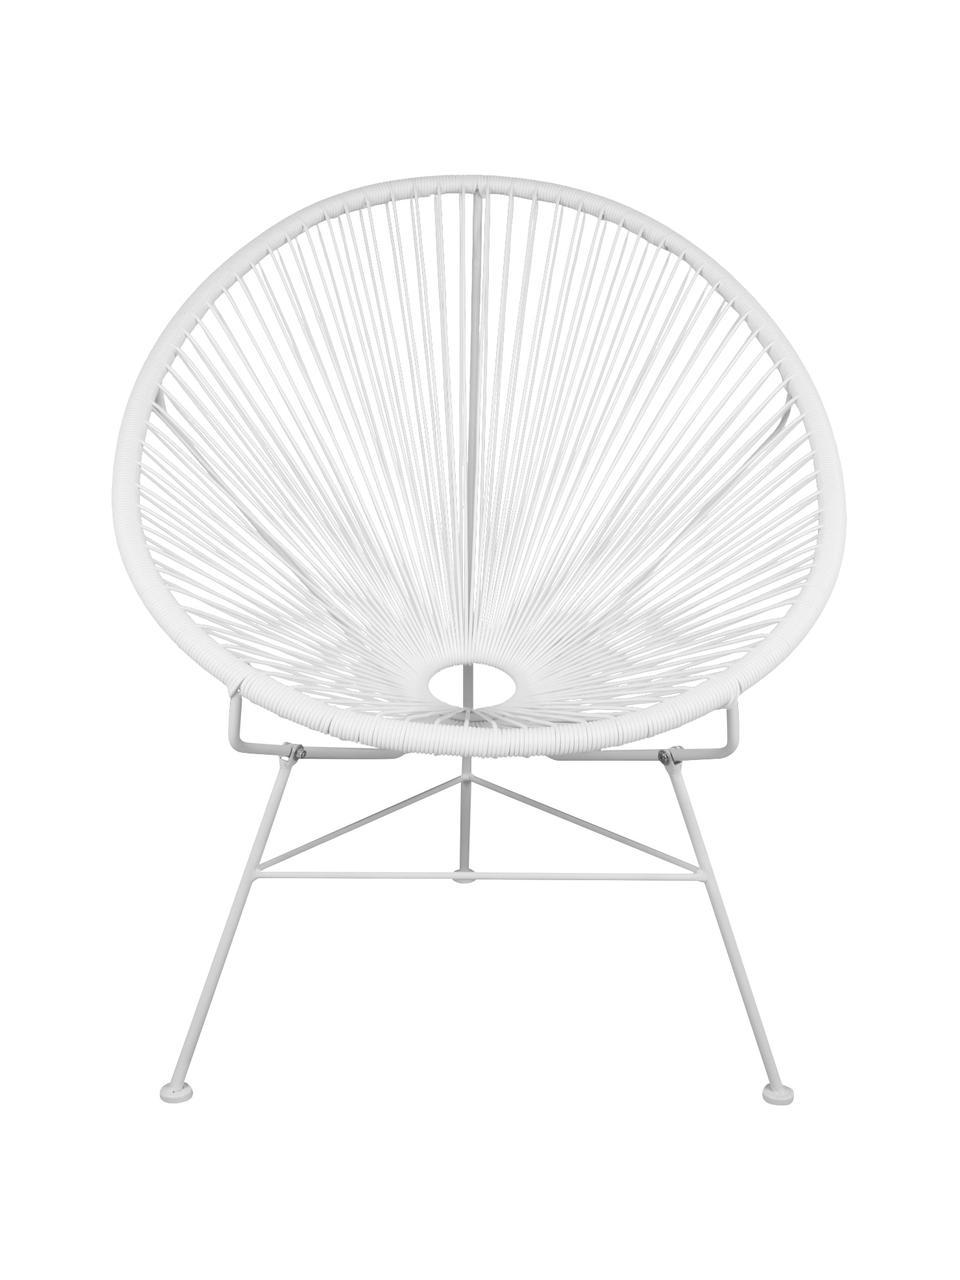 Fotel wypoczynkowy ze splotu z tworzywa sztucznego Bahia, Tworzywo sztuczne: biały Stelaż: biały, S 81 x G 73 cm